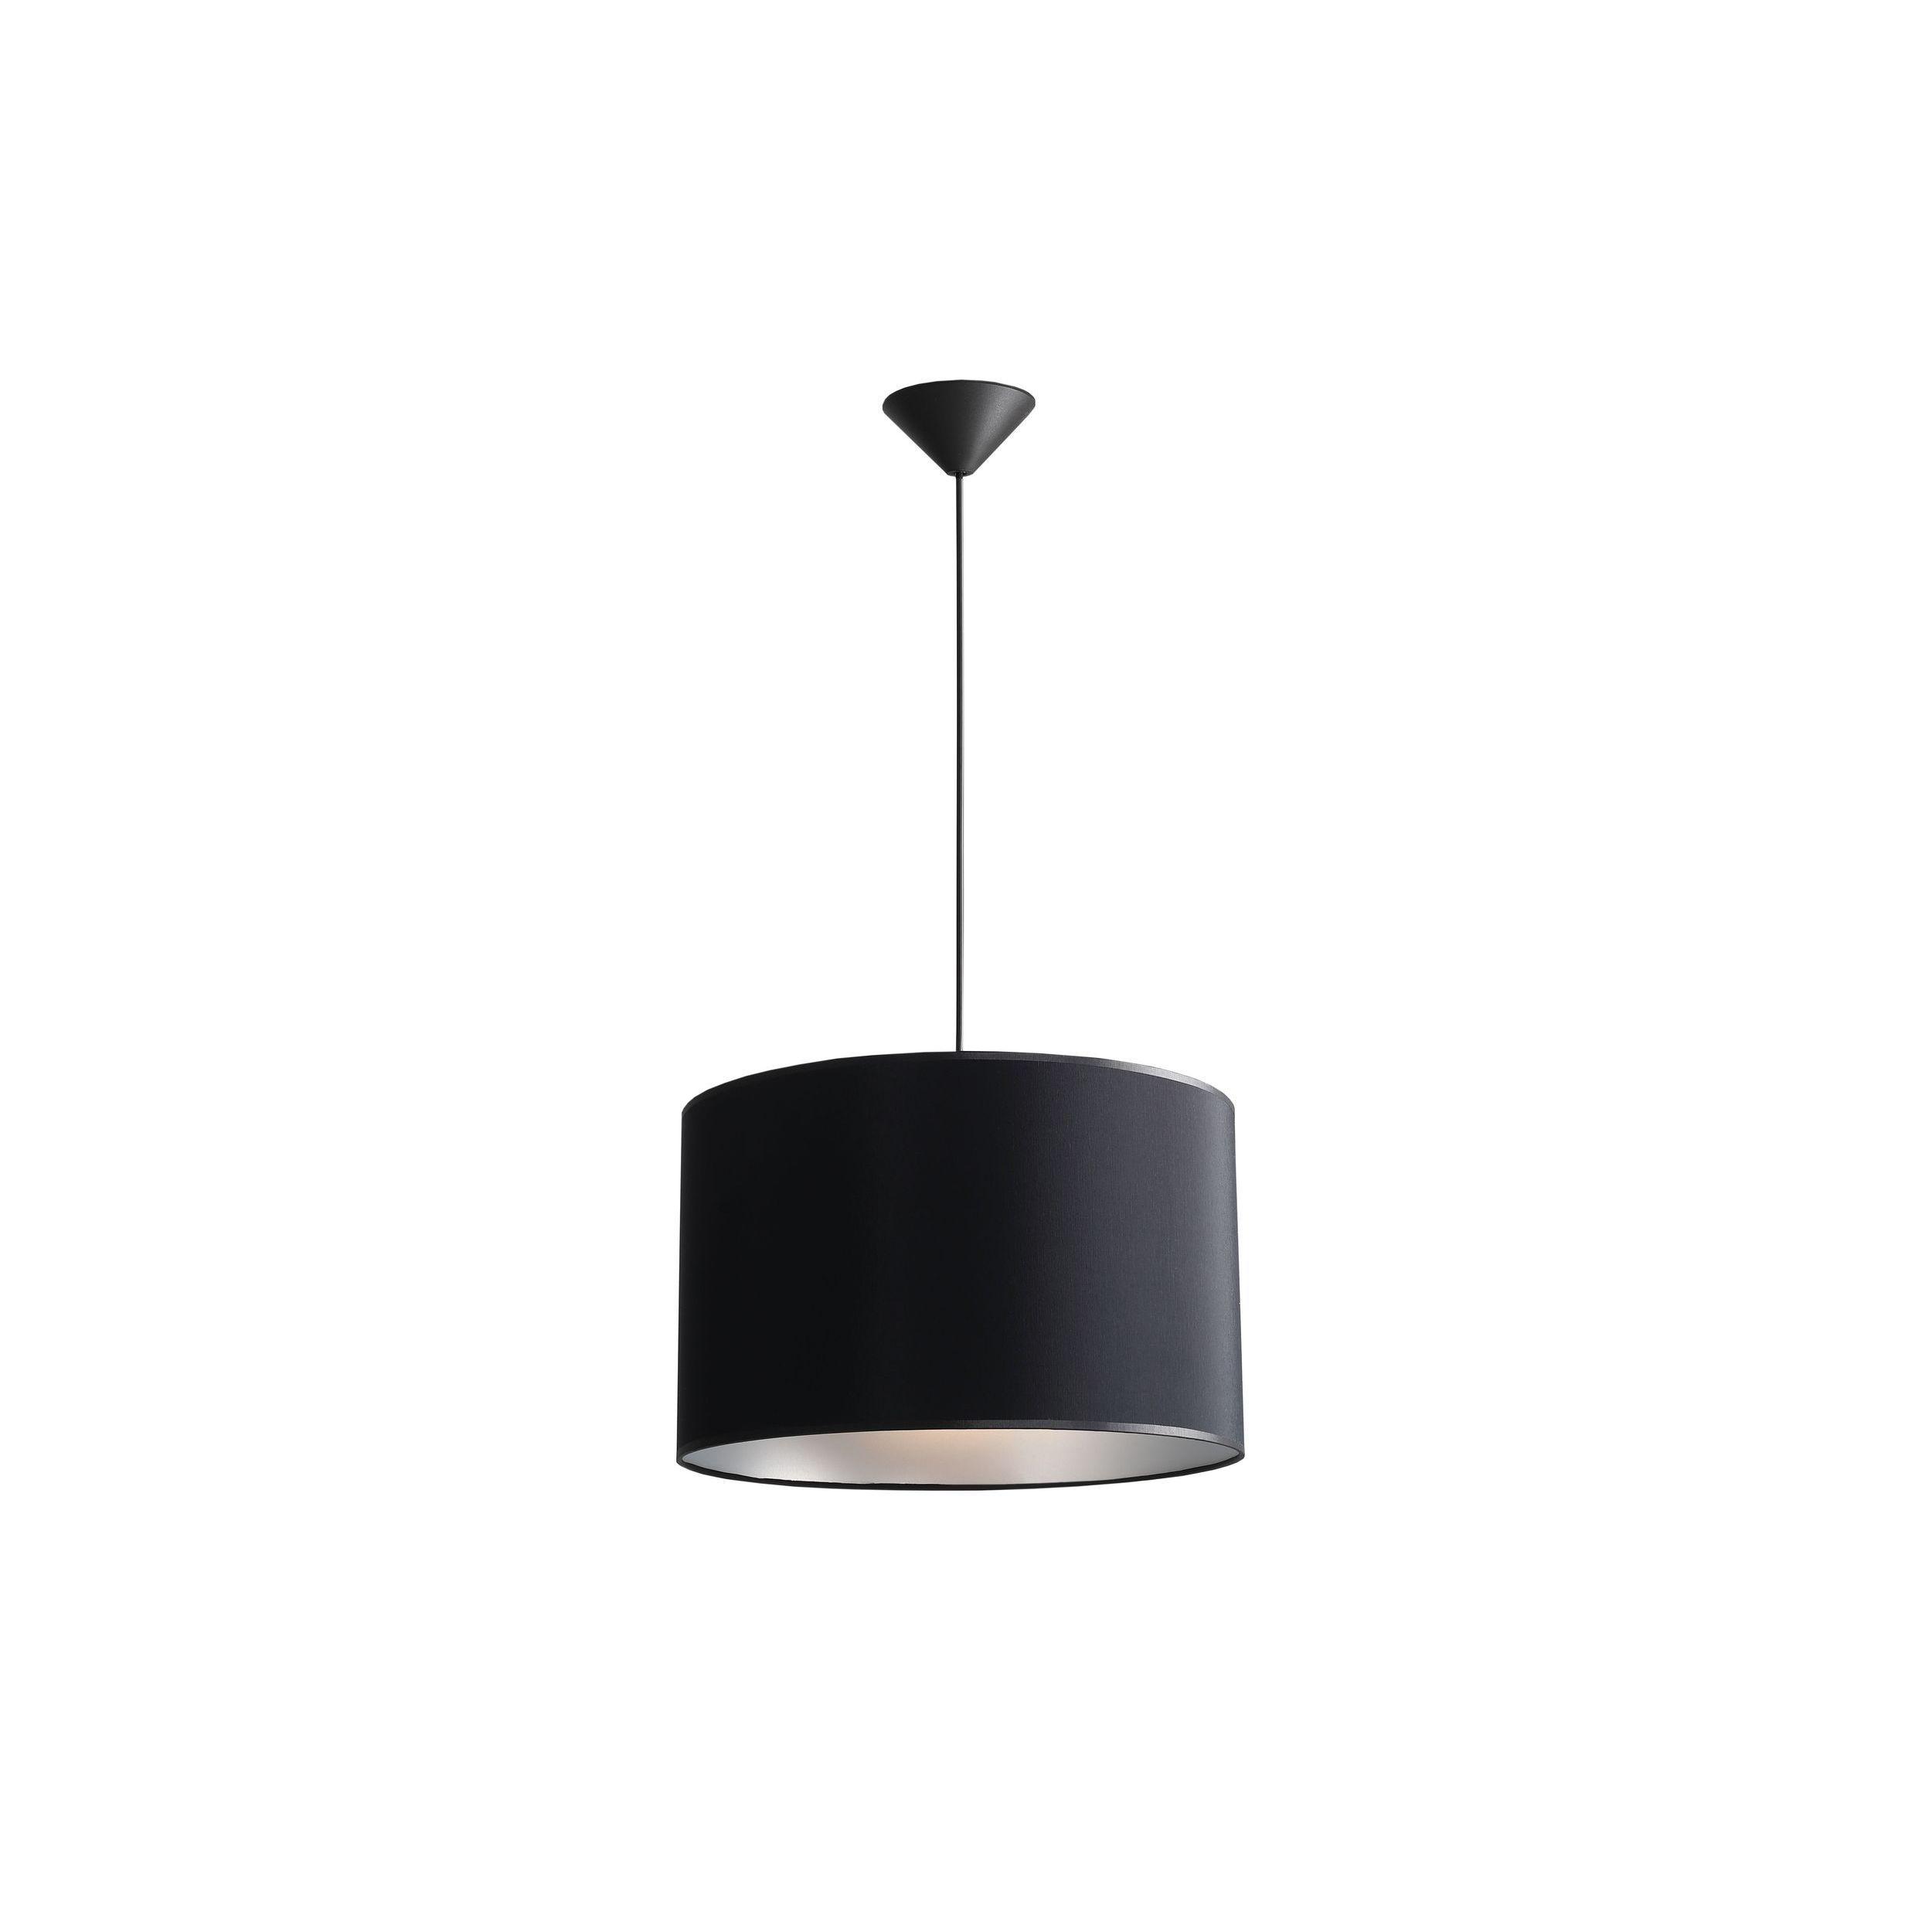 Lampa wisząca Aldex x1 Barilla Silver 954G